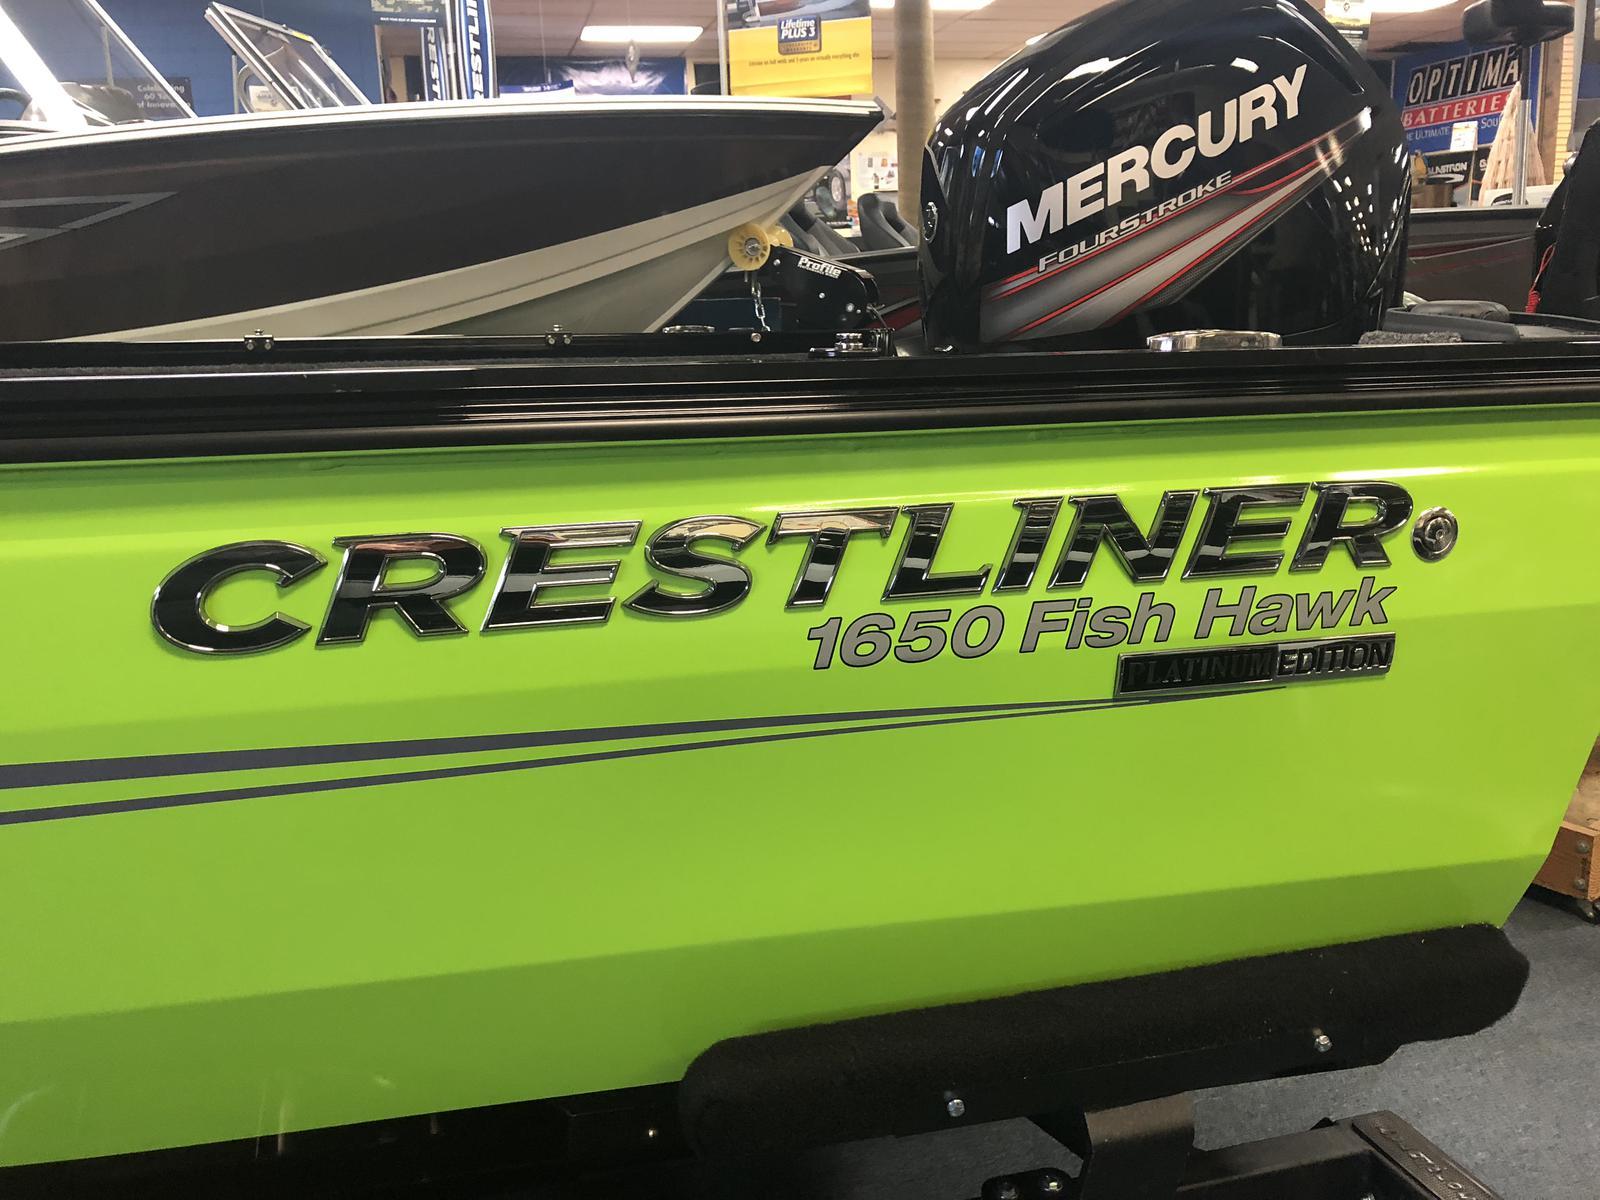 2019 Crestliner Fish Hawk WT JS